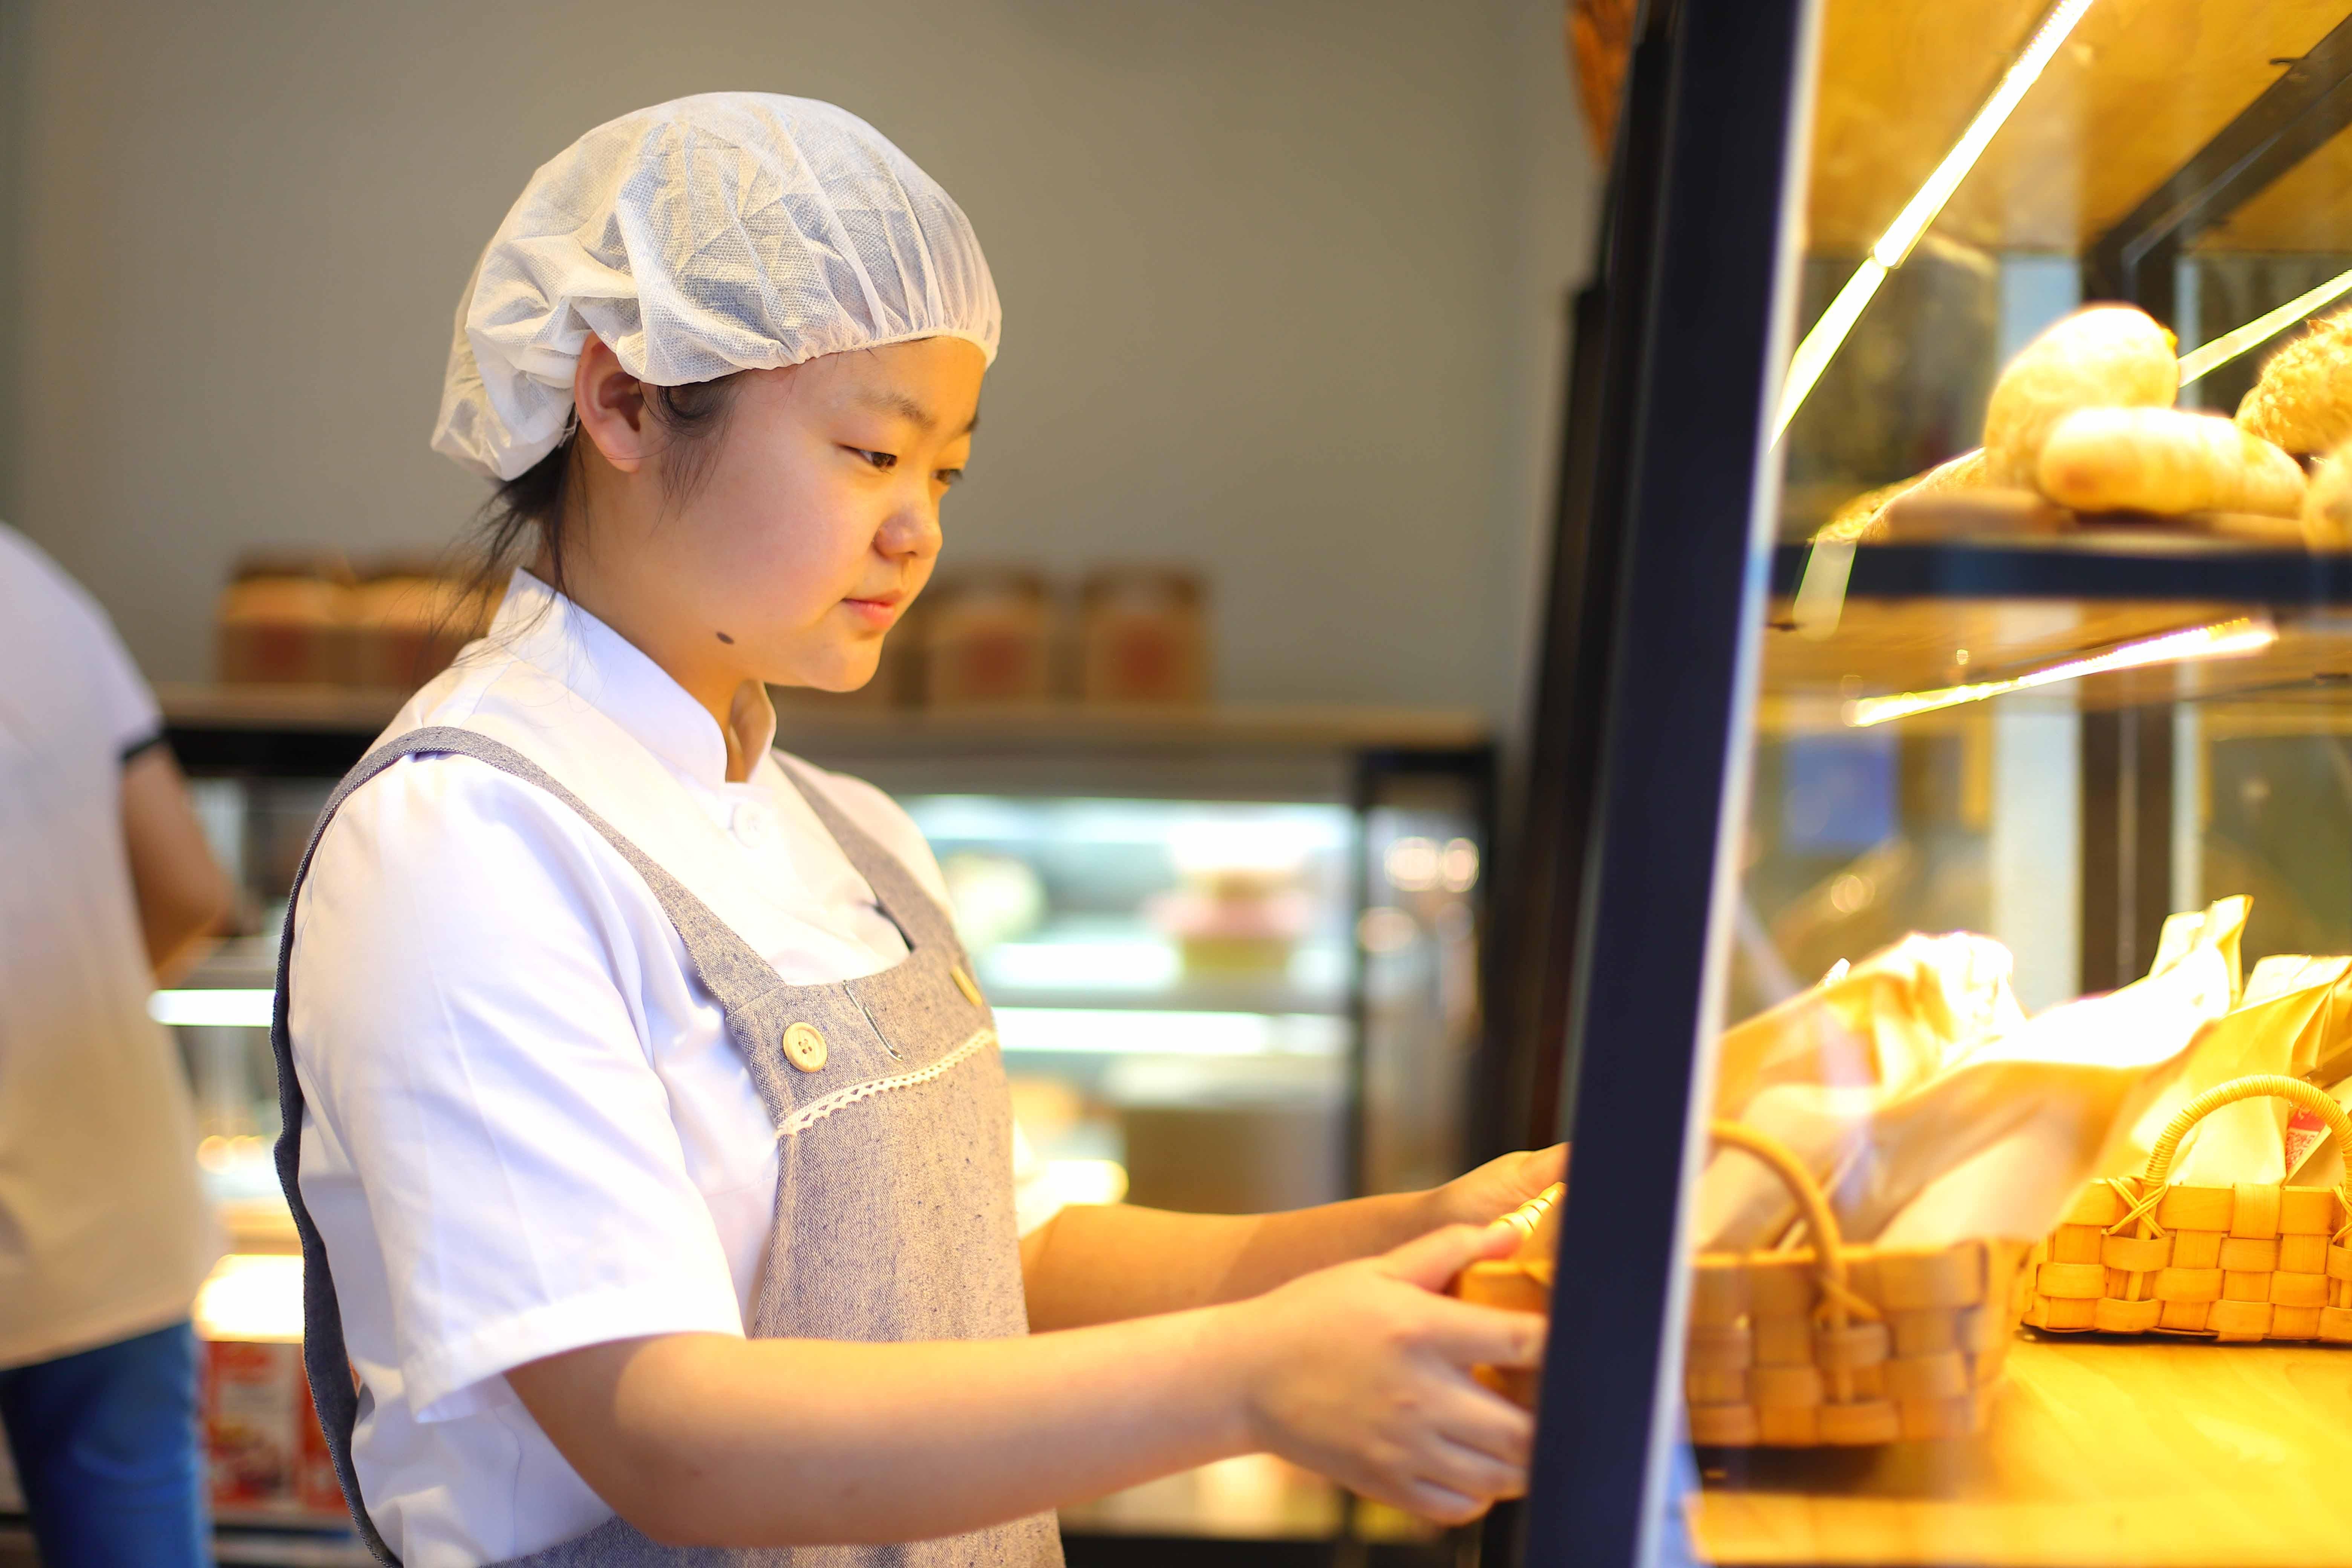 陕西新纪元烹饪学校毕业学子邹思蒙:永远相信美好的事情即将发生